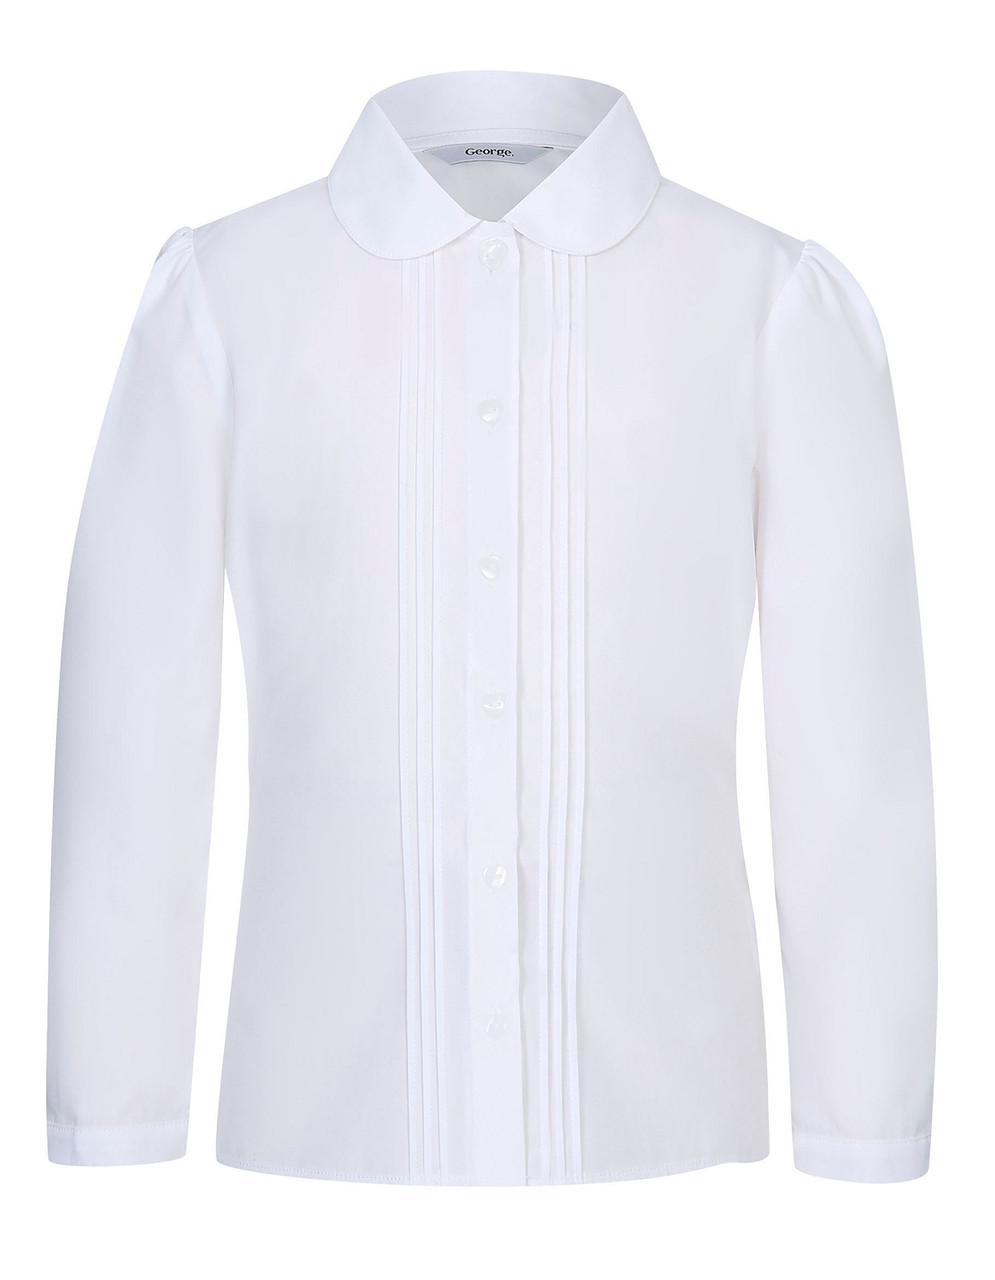 Школьная блузка белая с длинным рукавом на девочку 5-6-7-8-9-10-11 лет George (Англия)